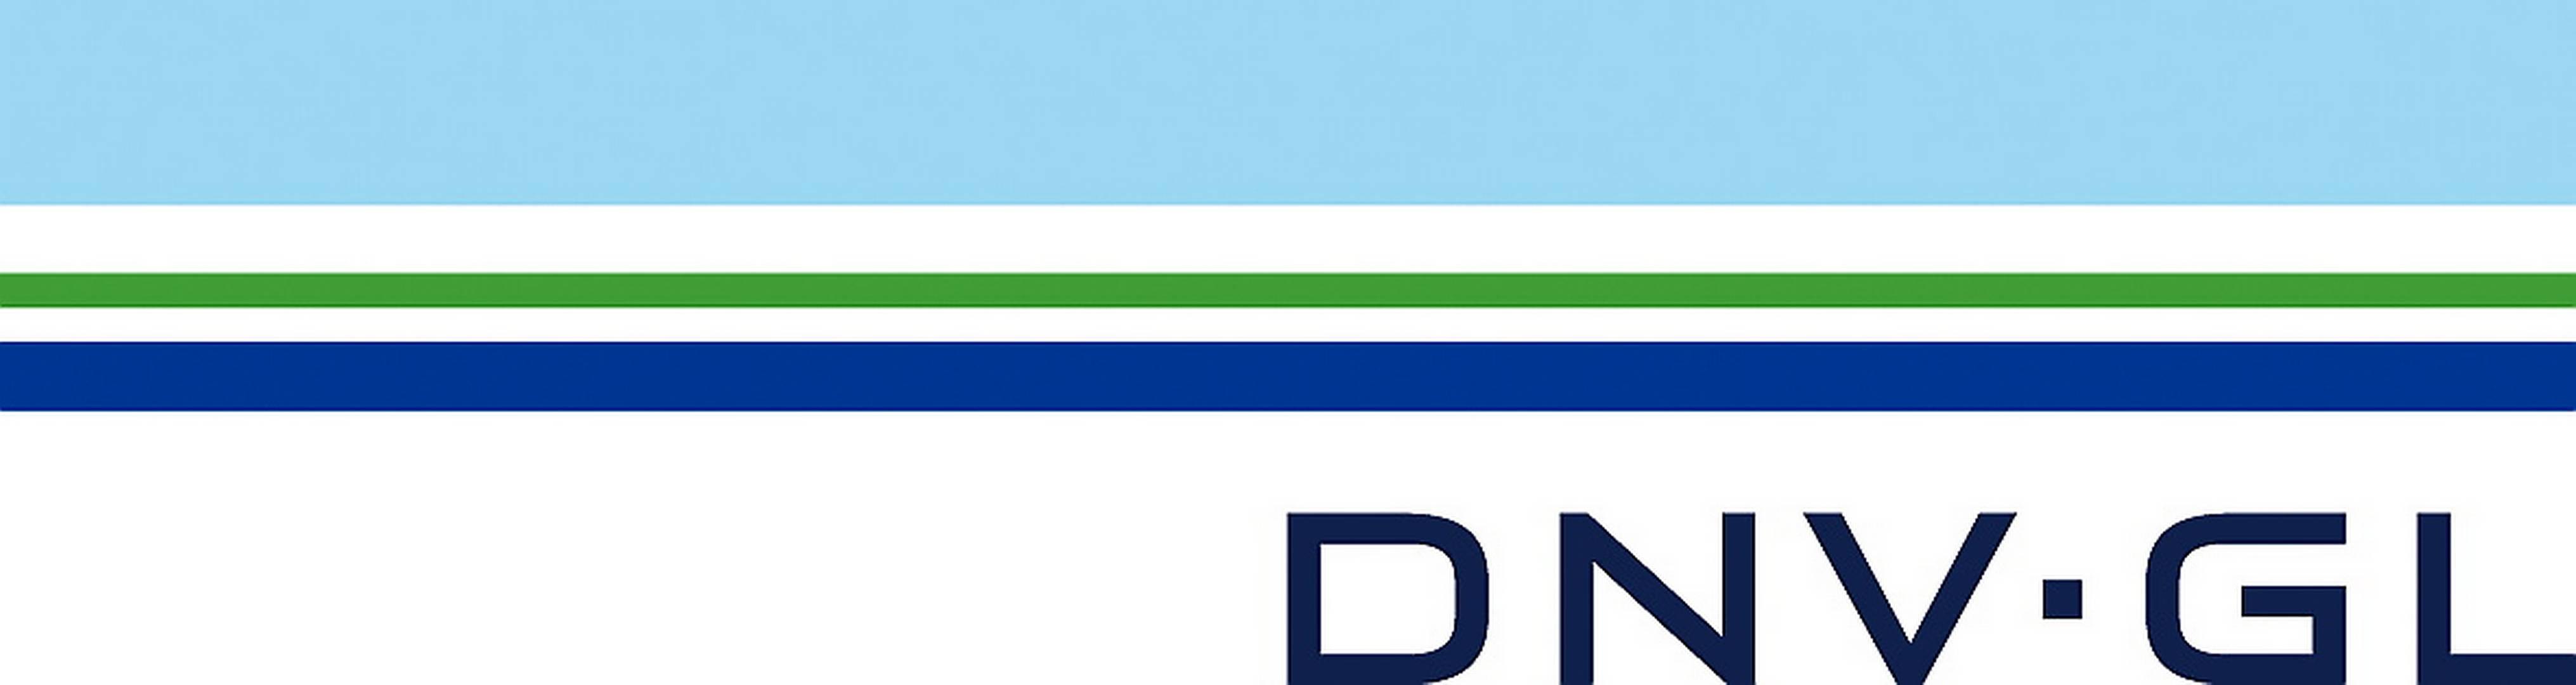 dnv-gl-logo-large